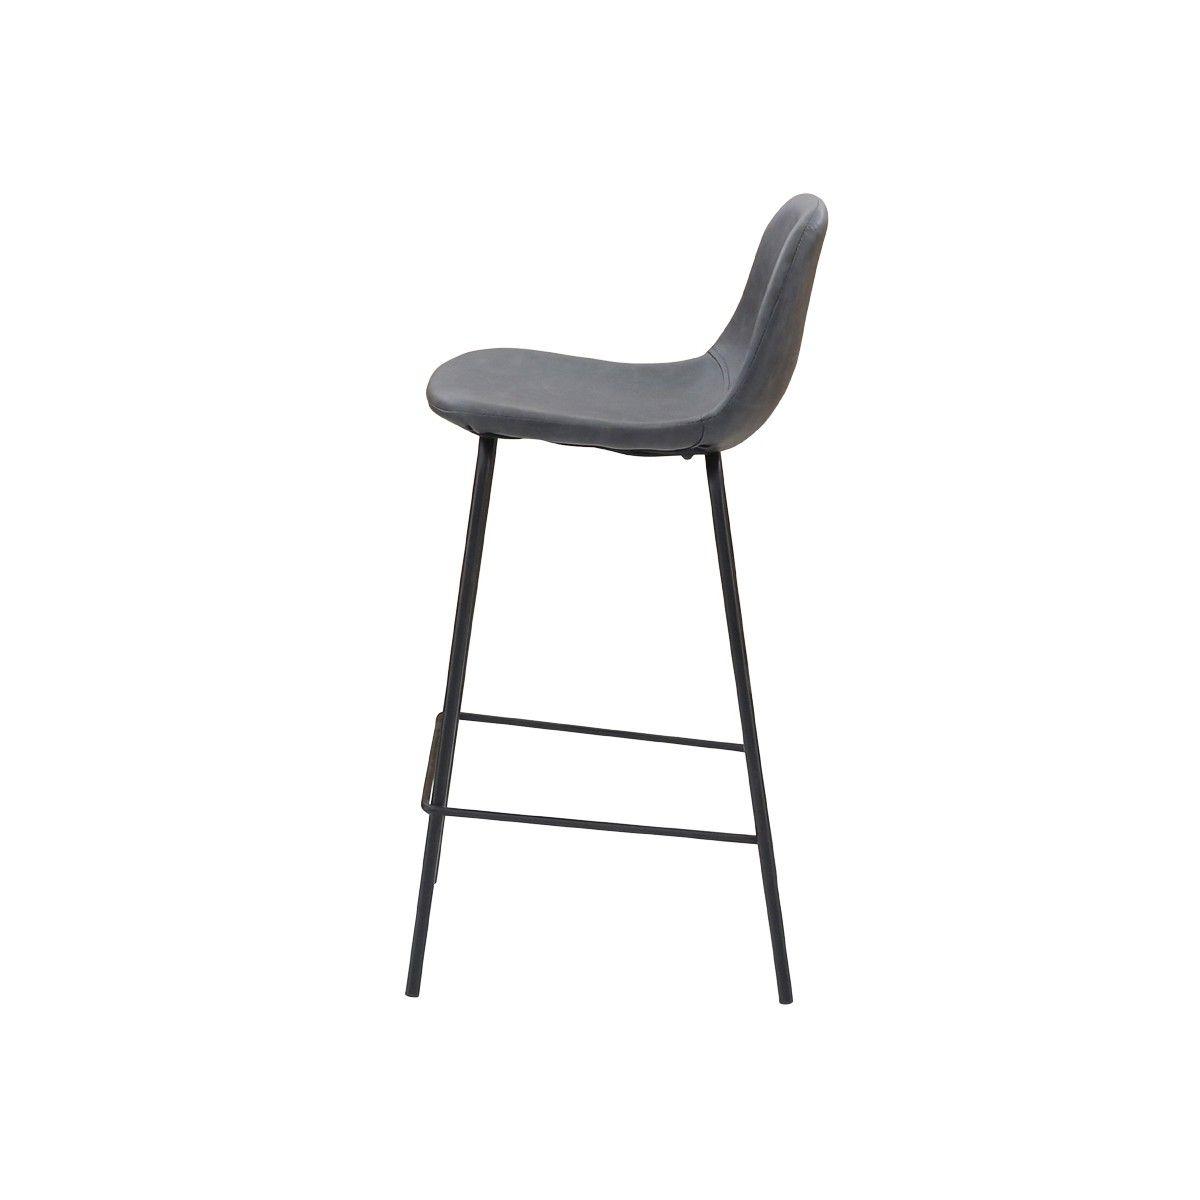 2x Chaise De Bar Zara Mooviin Chaise De Bar Design Chaise Bar Tabouret De Bar Design